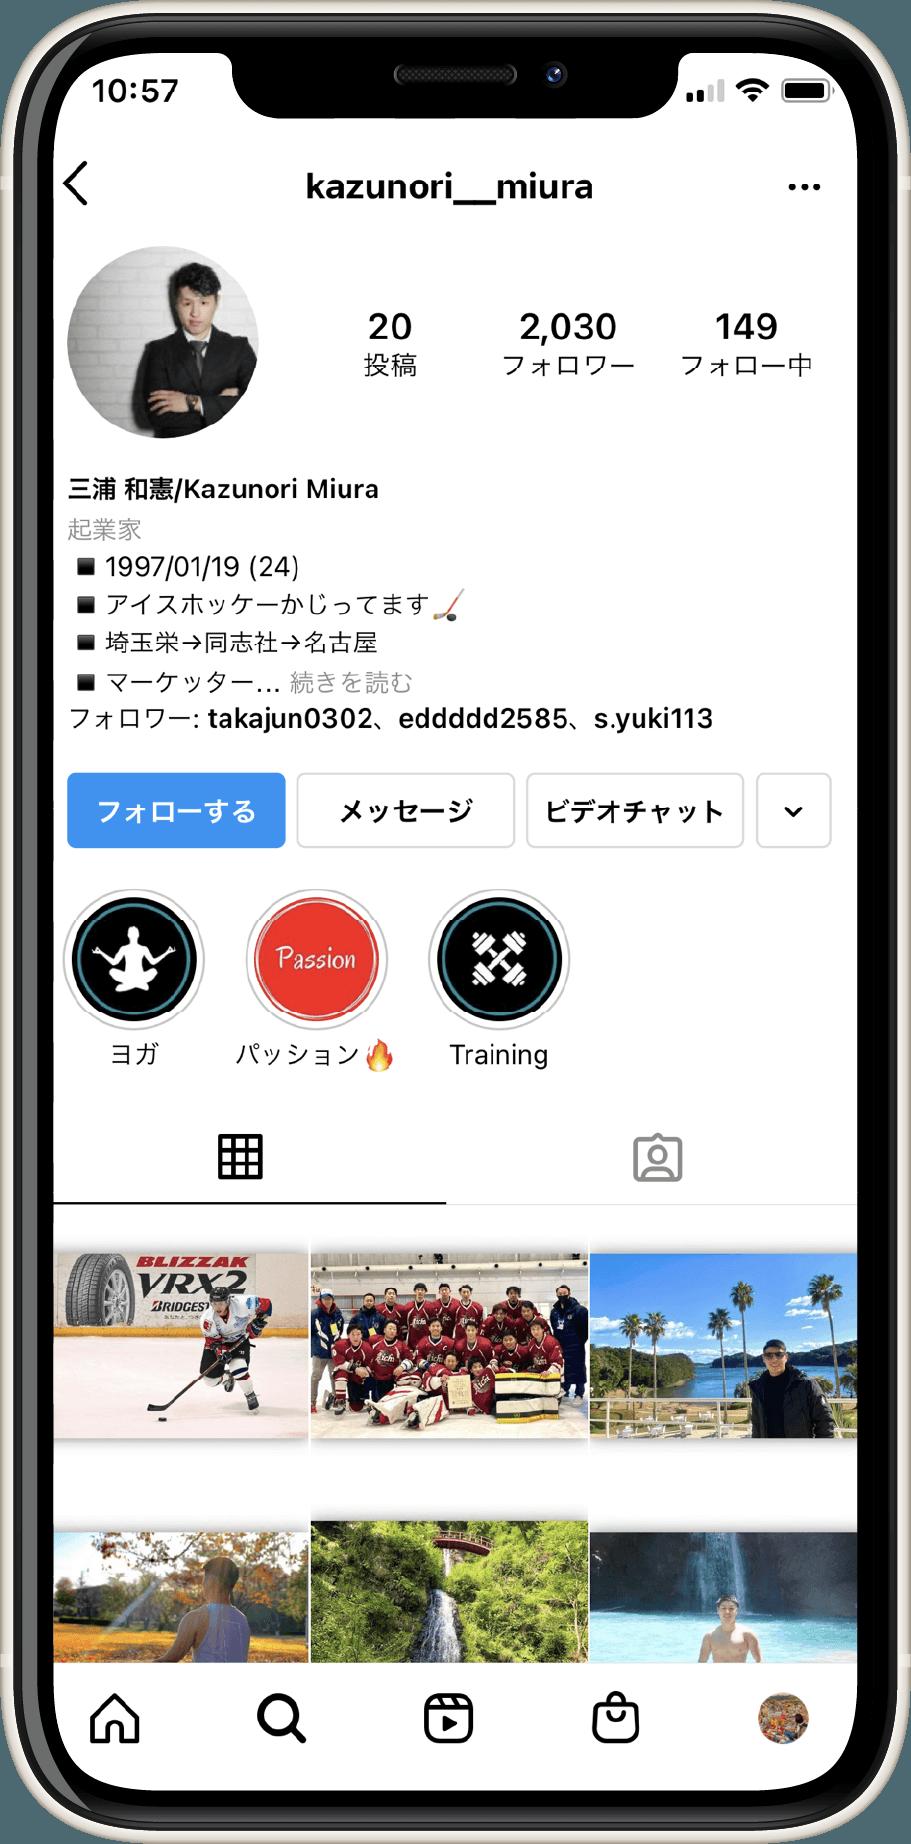 三浦 和憲さん 【アイスホッケー選手】のケース